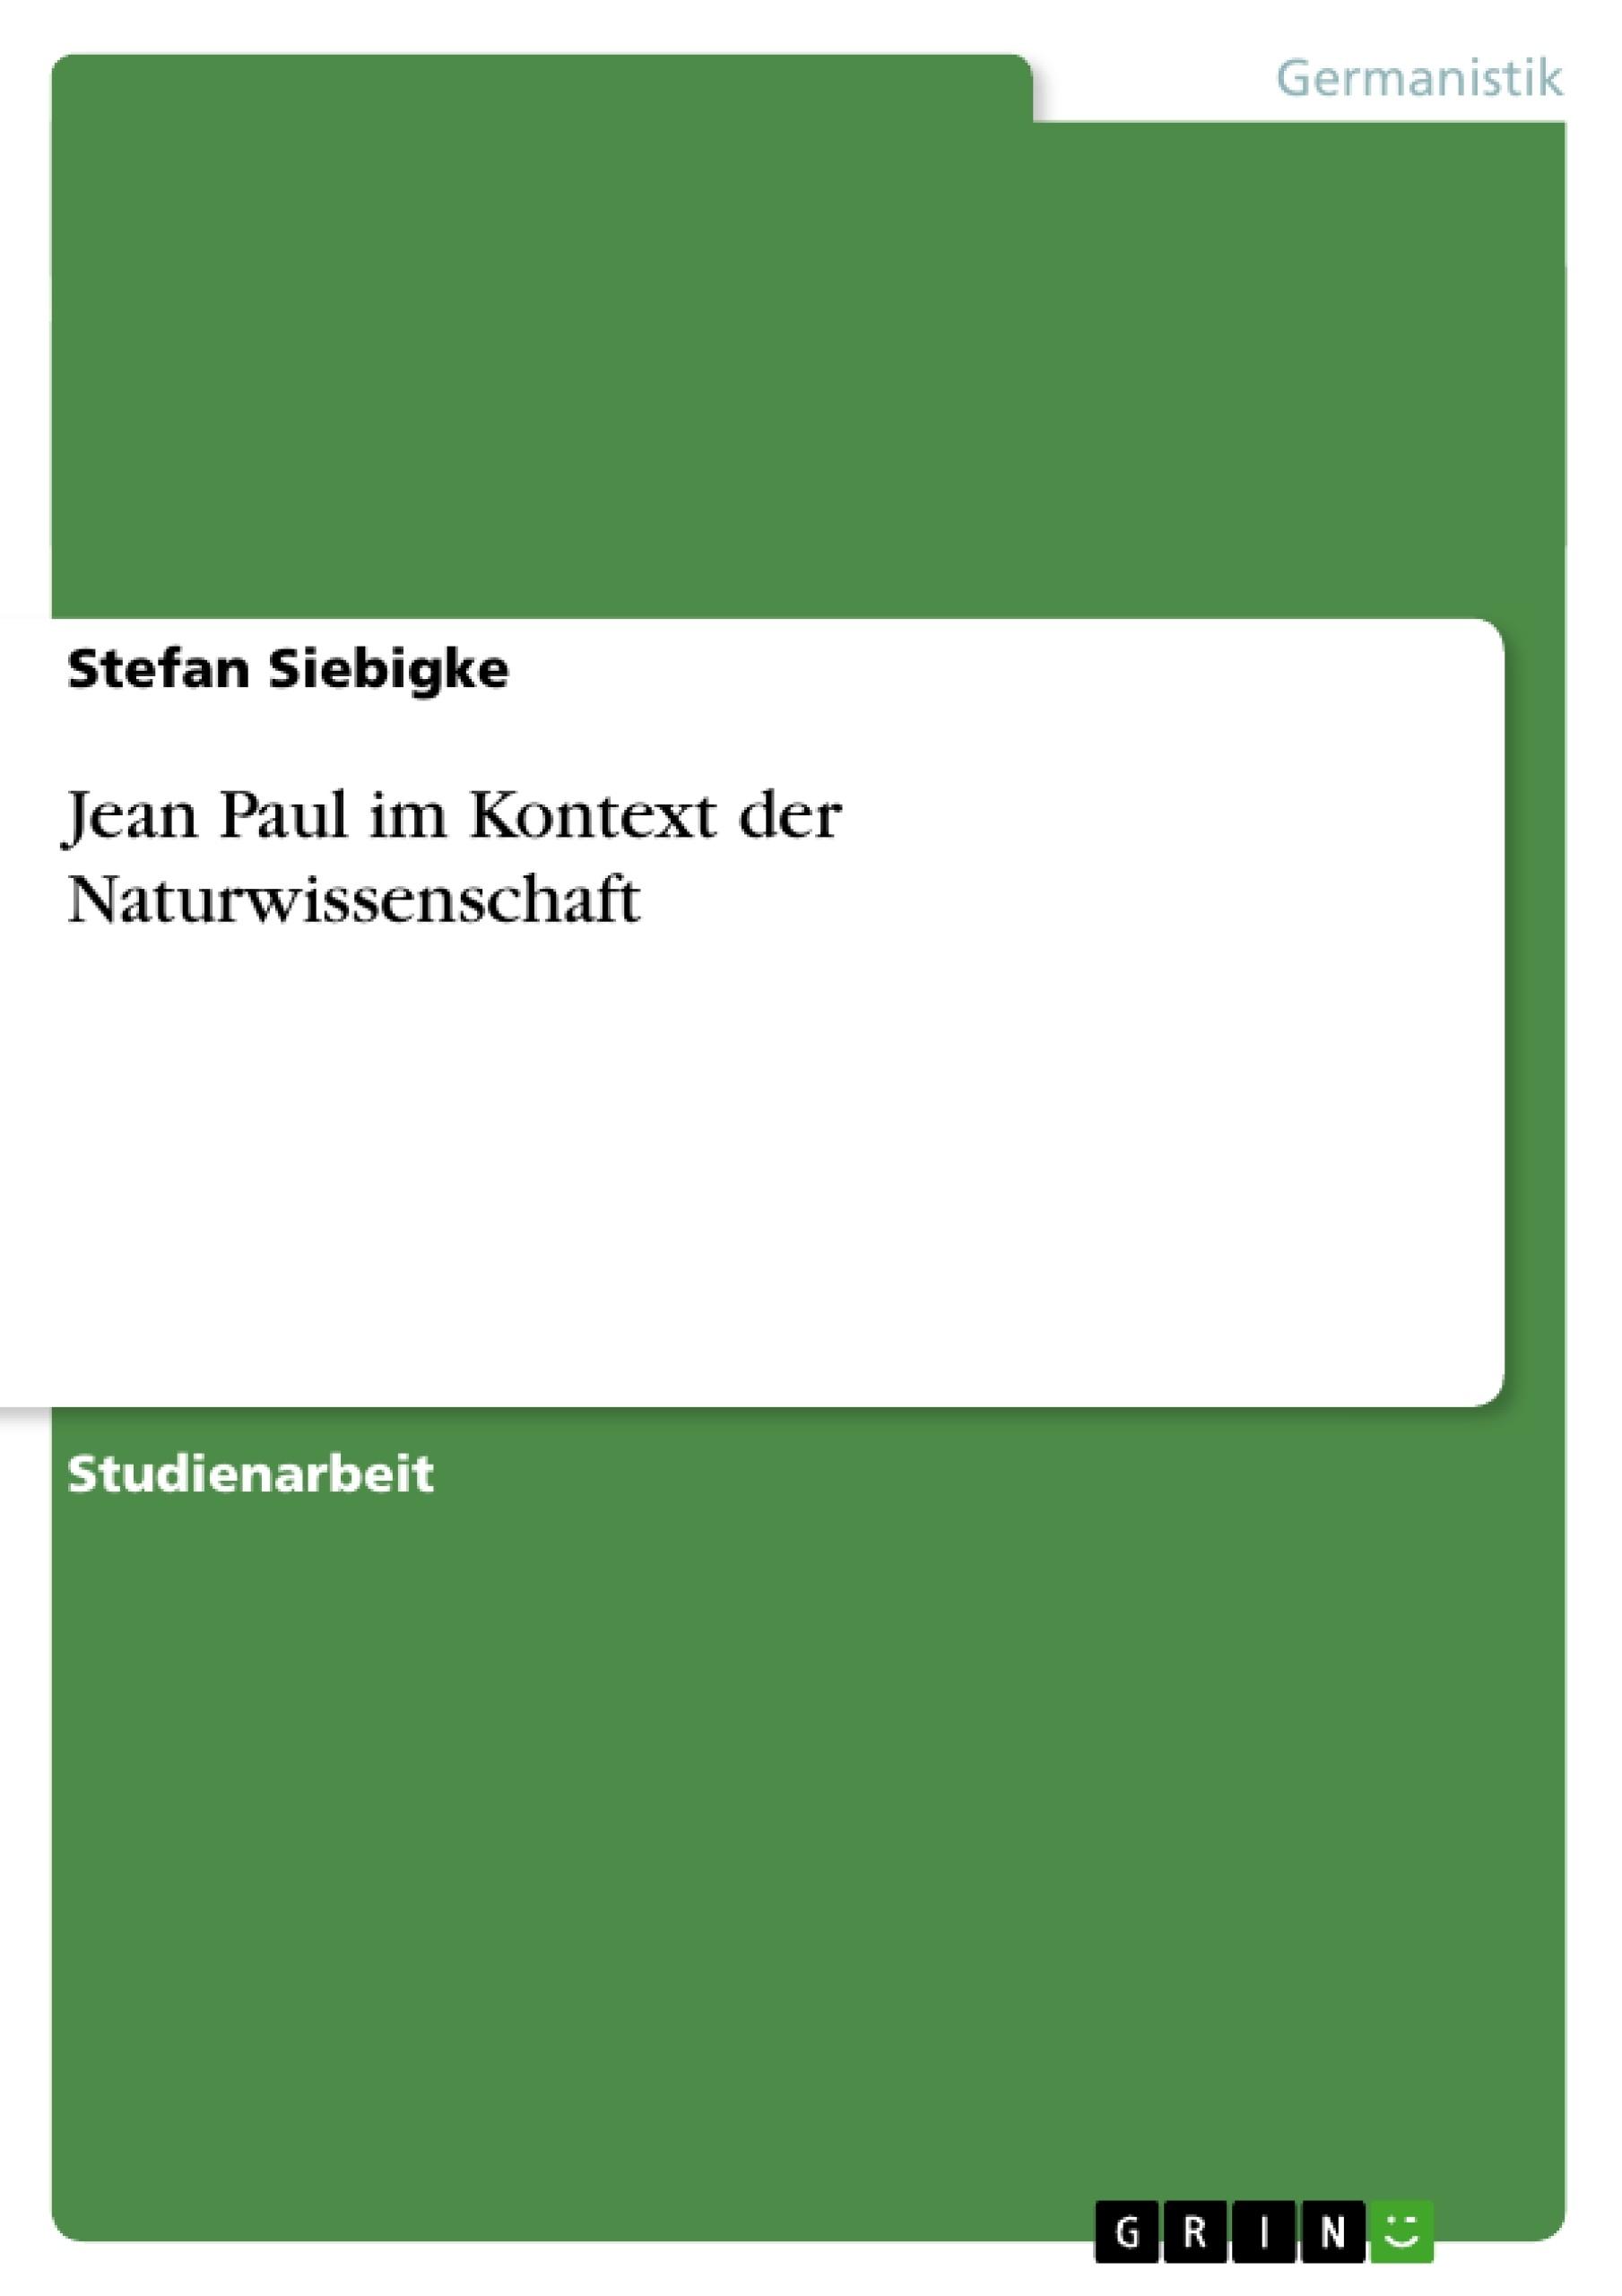 Titel: Jean Paul im Kontext der Naturwissenschaft